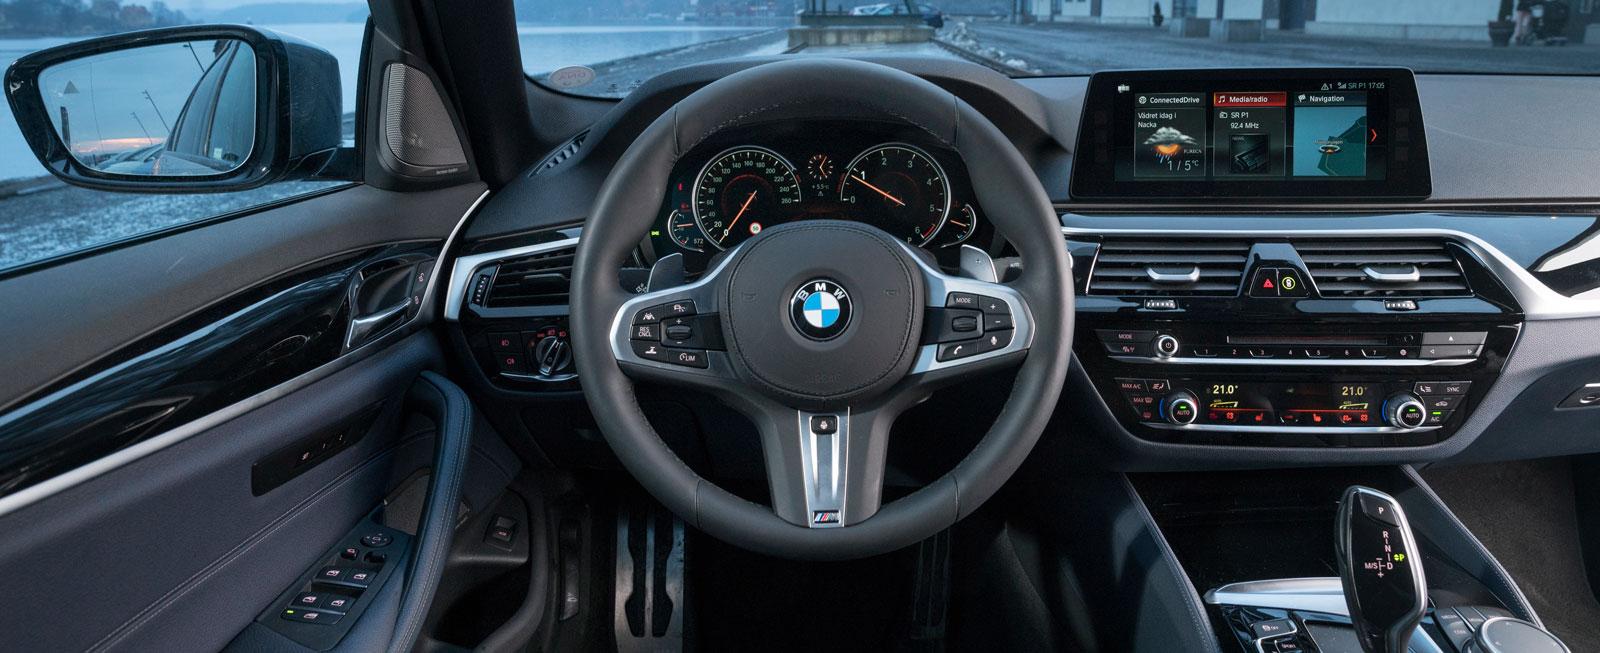 Sobert, ergonomiskt och funktionellt på typiskt BMW-manér. Förarplatsen i nya 5-serien känns välbekant, trots att det mesta är helt nytt.